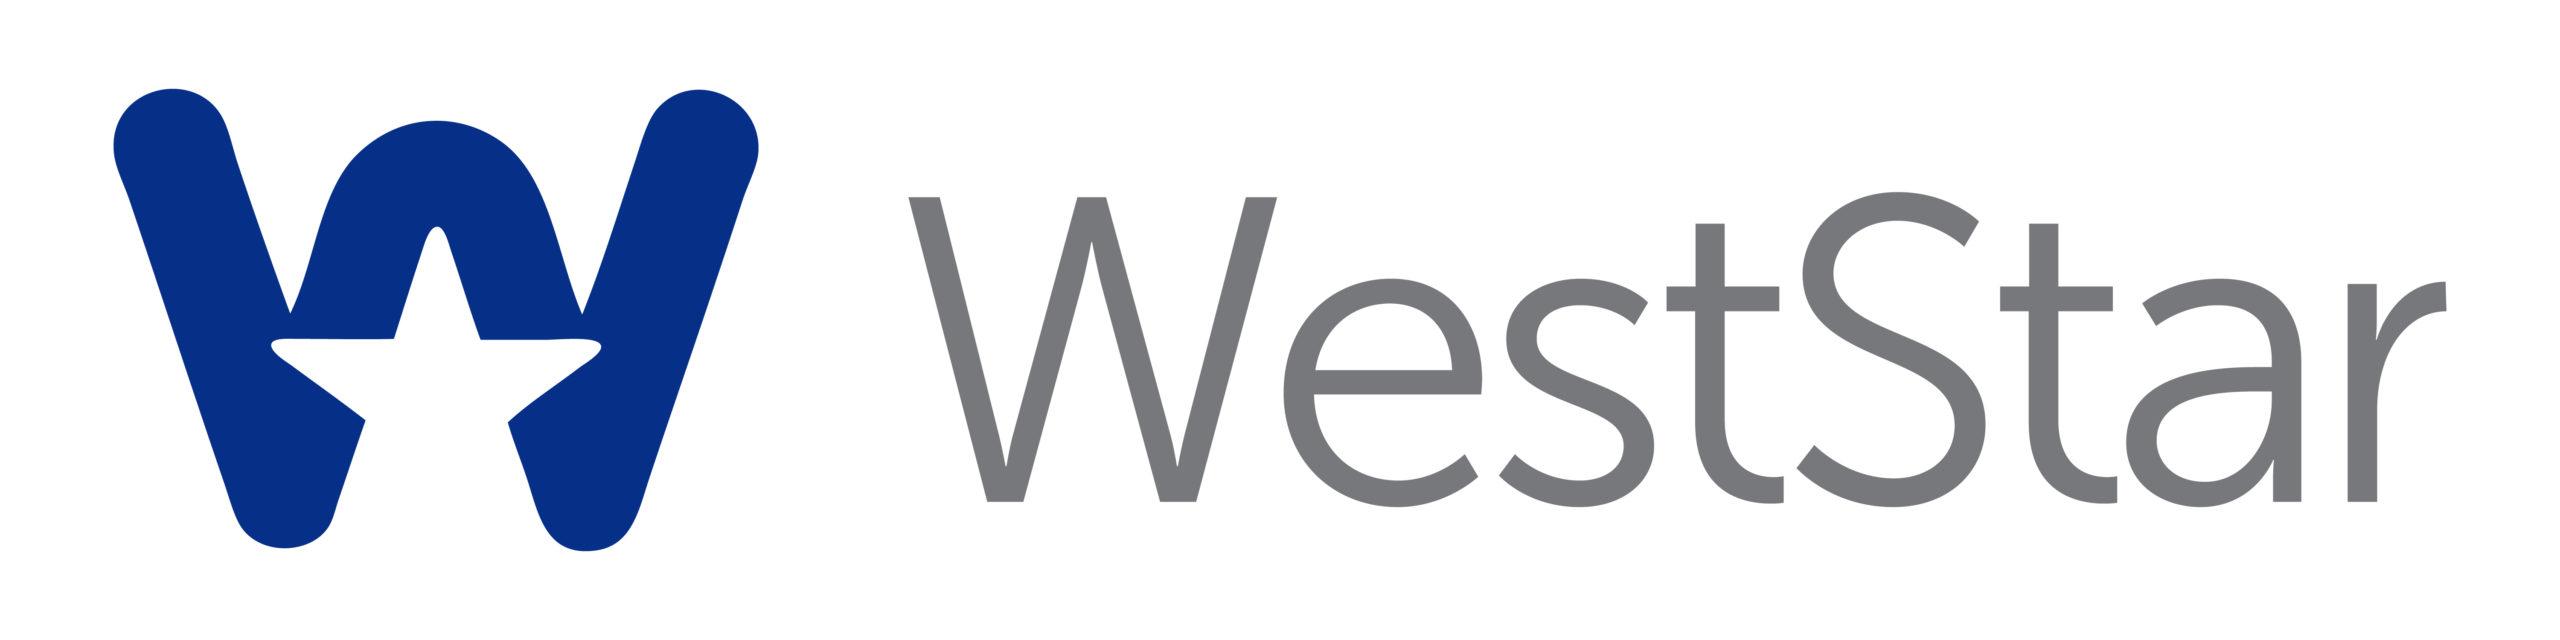 WestStar Bank logo